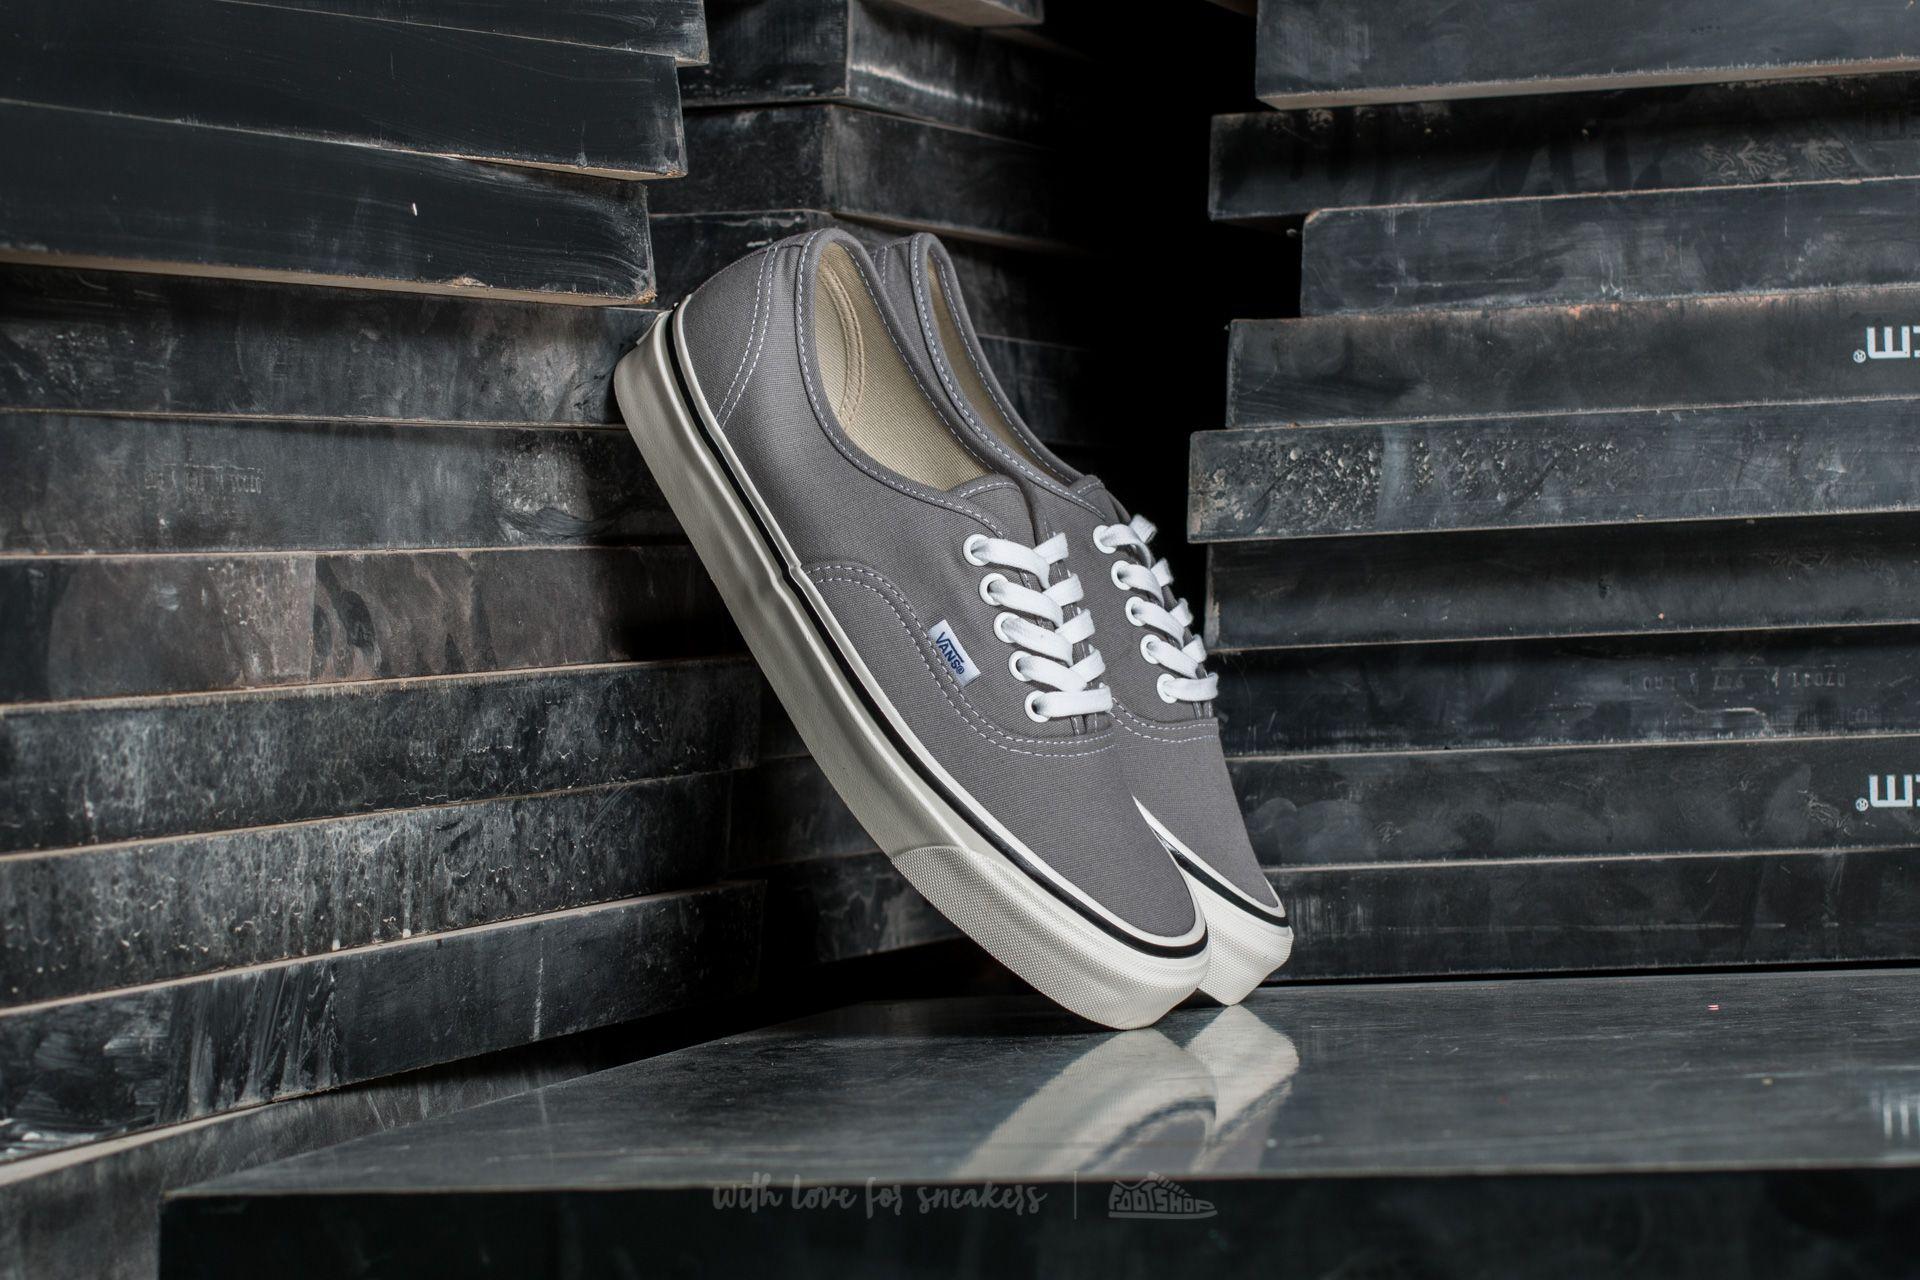 81305b46c1 Vans Authentic 44 DX (Anaheim Factory) Light Grey